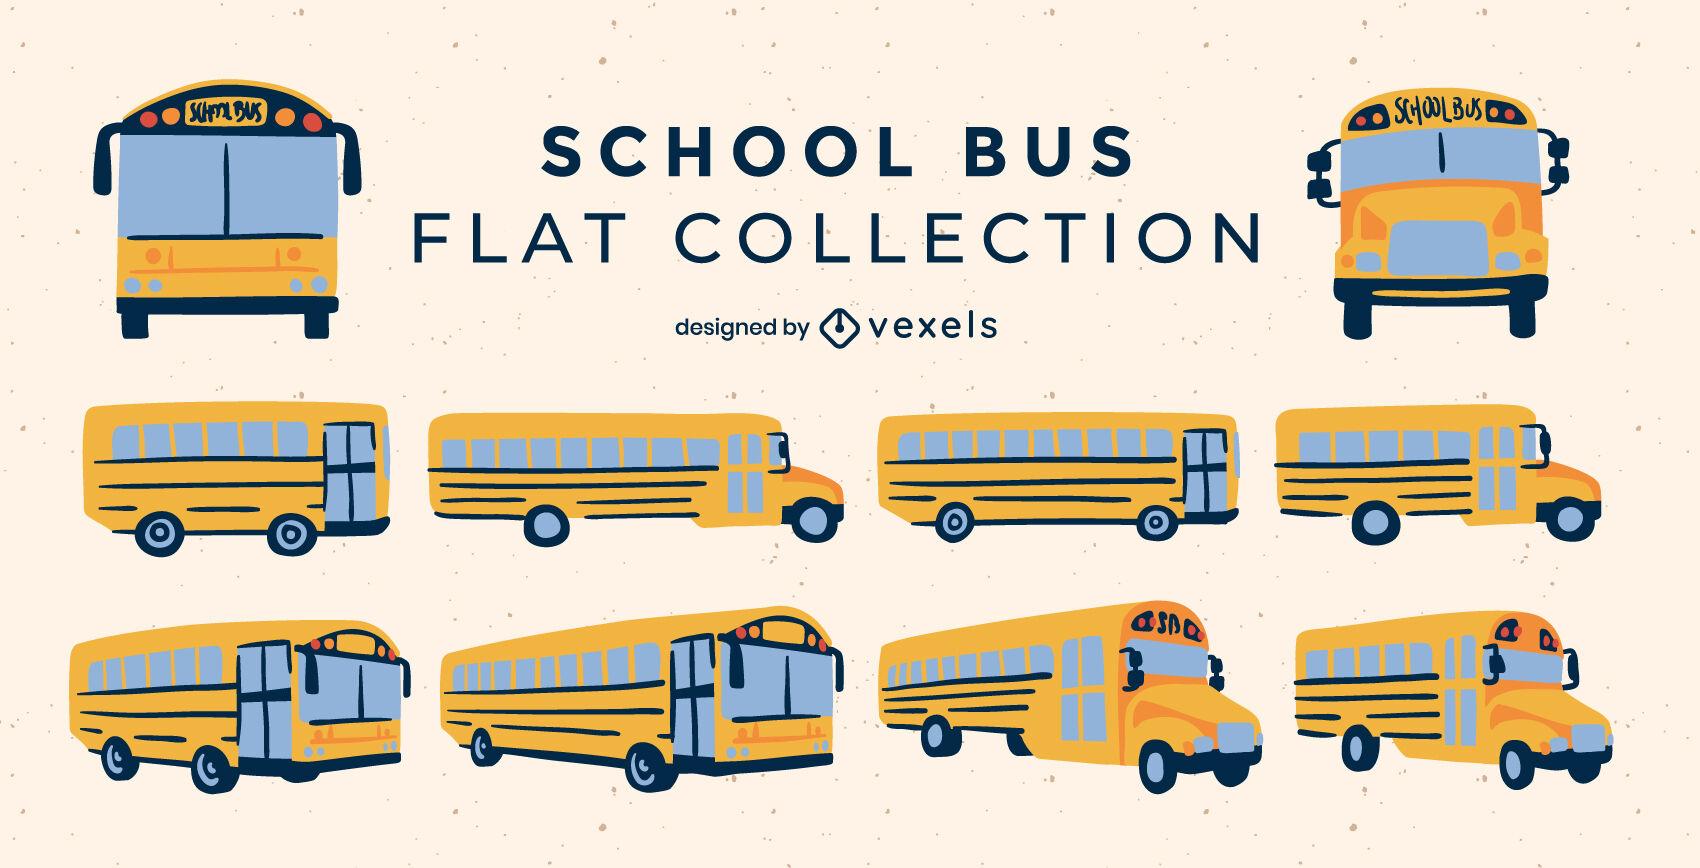 Conjunto de autobuses escolares planos.